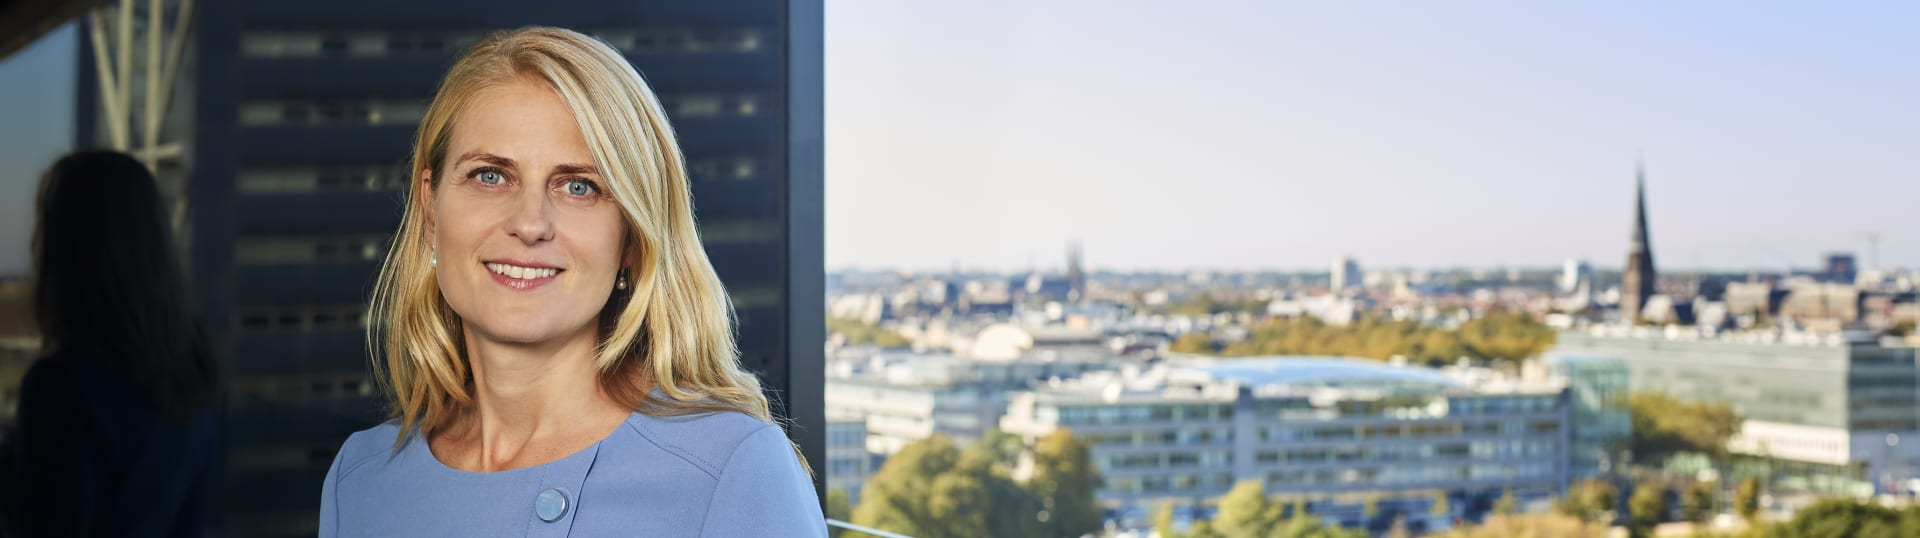 Annette de Jong, advocaat Pels Rijcken